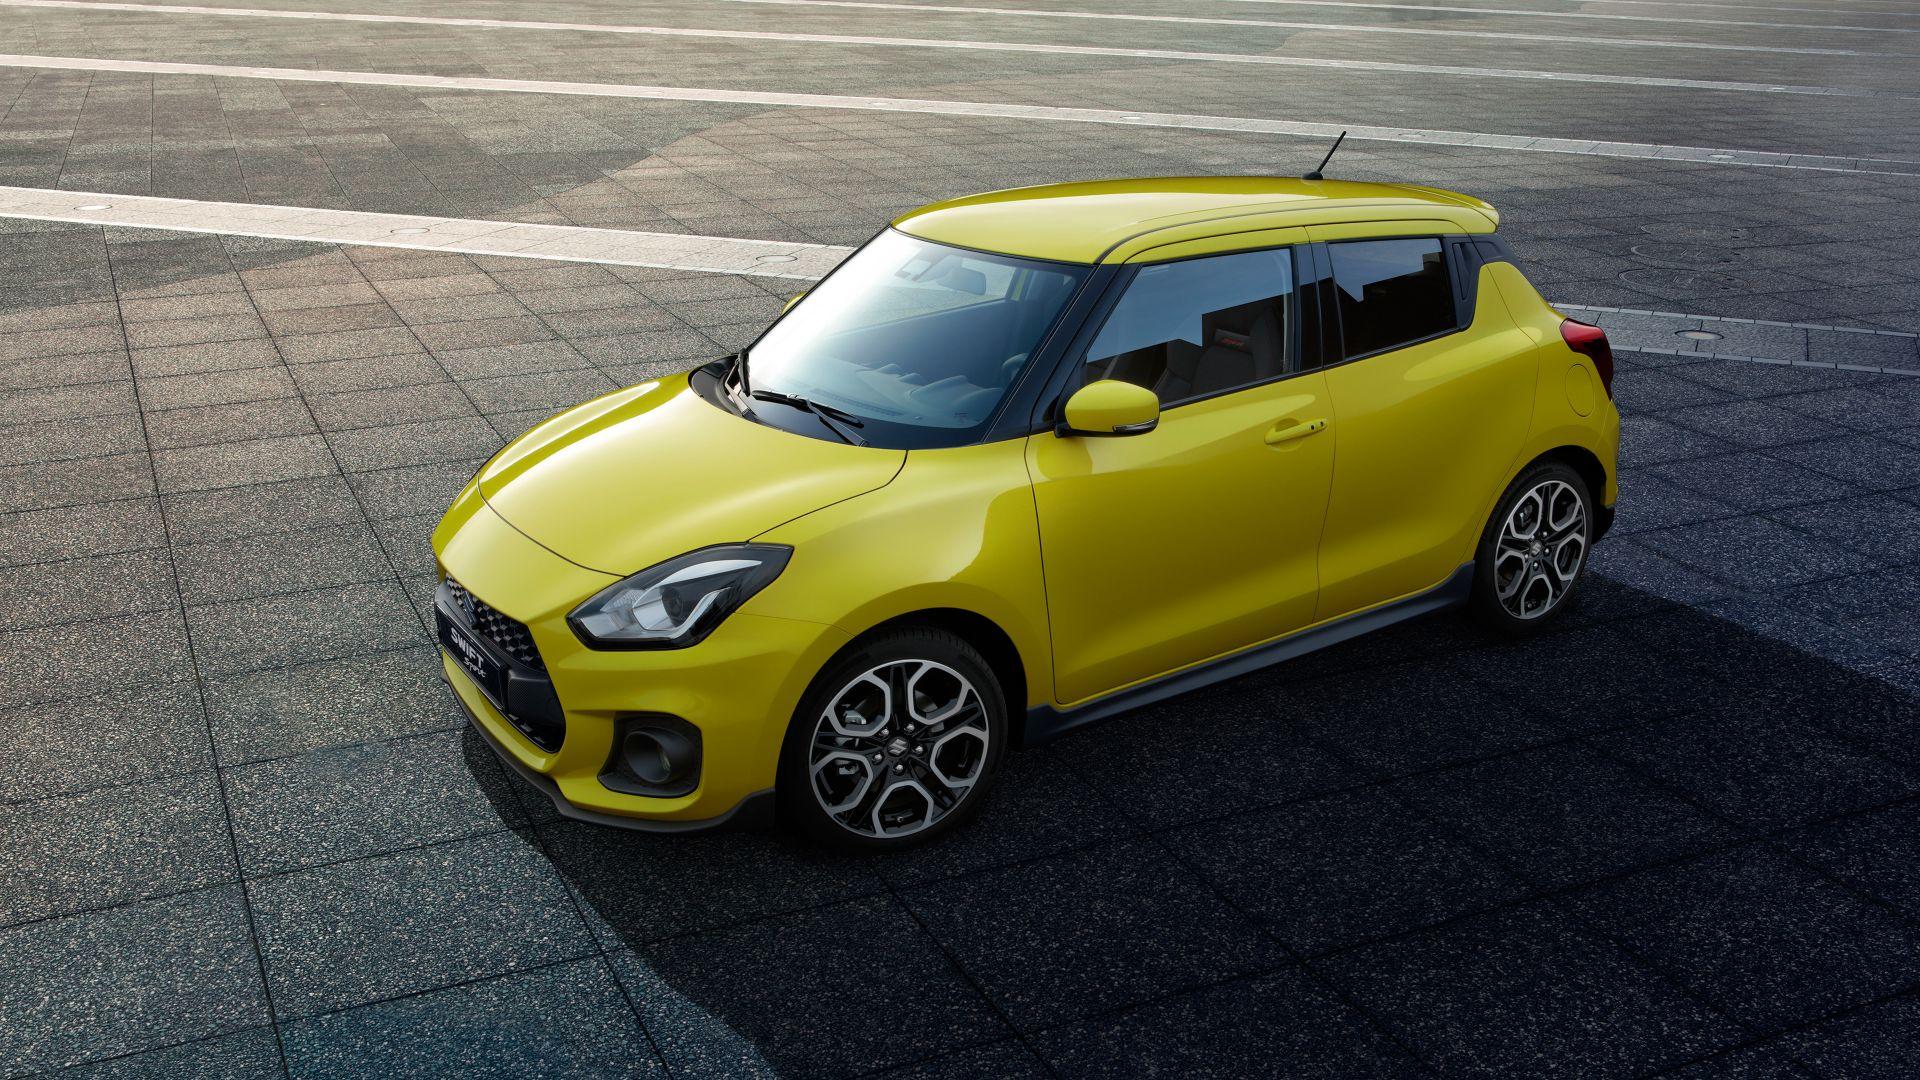 Wallpaper 2018, yellow suzuki swift, sports car, 4k